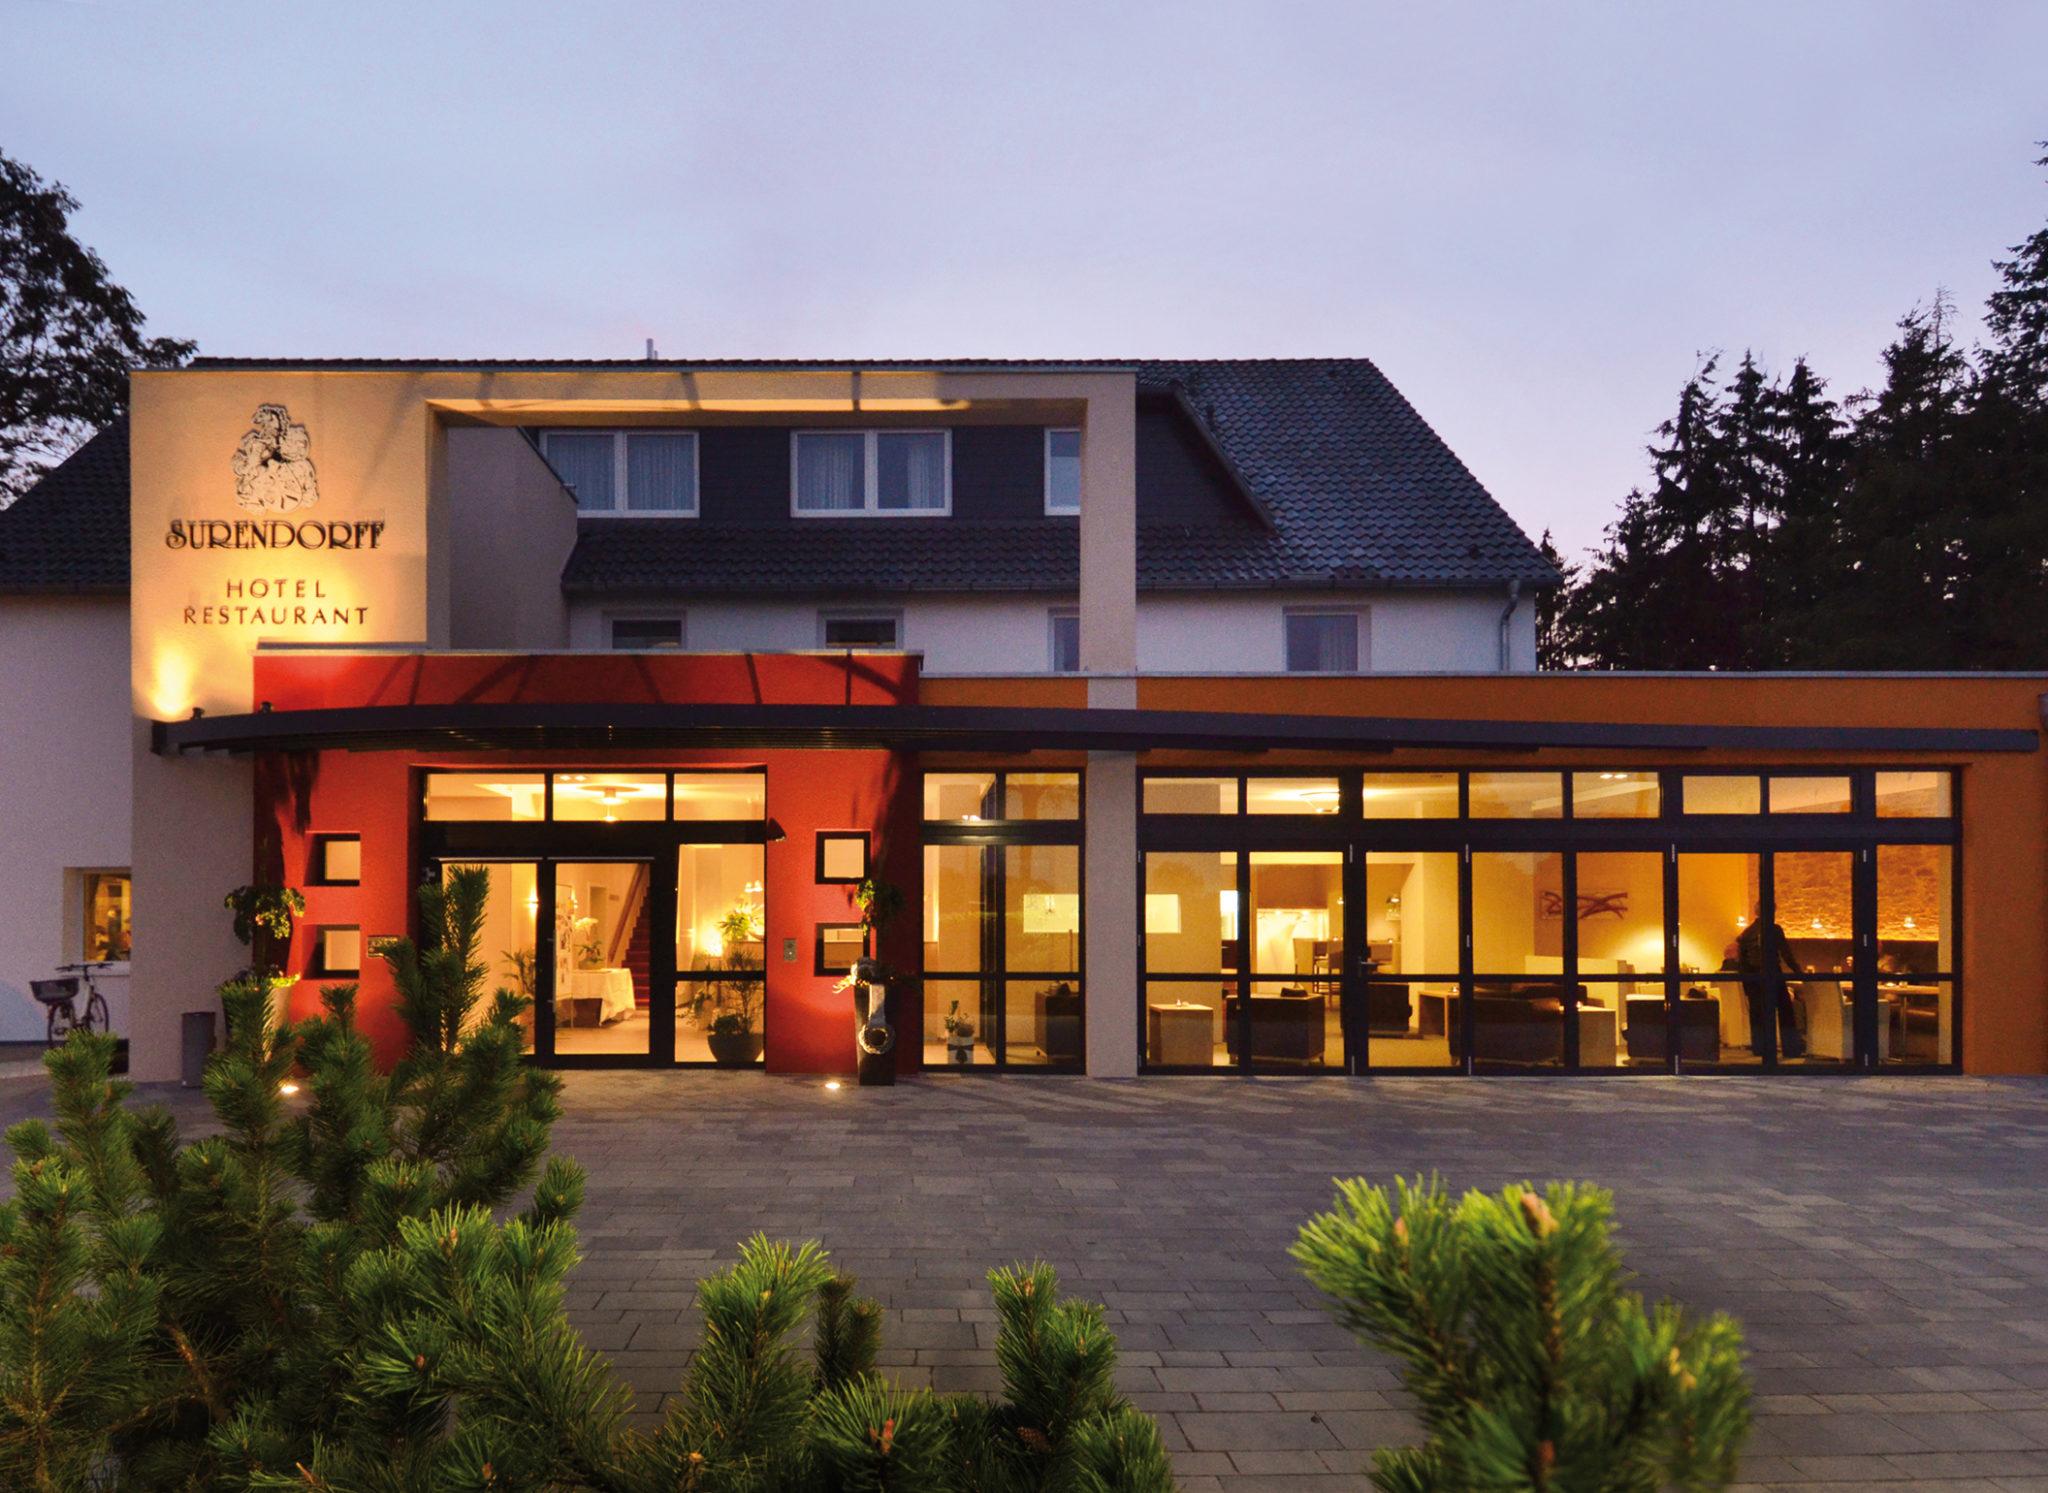 Akzent Hotel Surendorff In Bramsche Das Familiengefuhrte Hotel